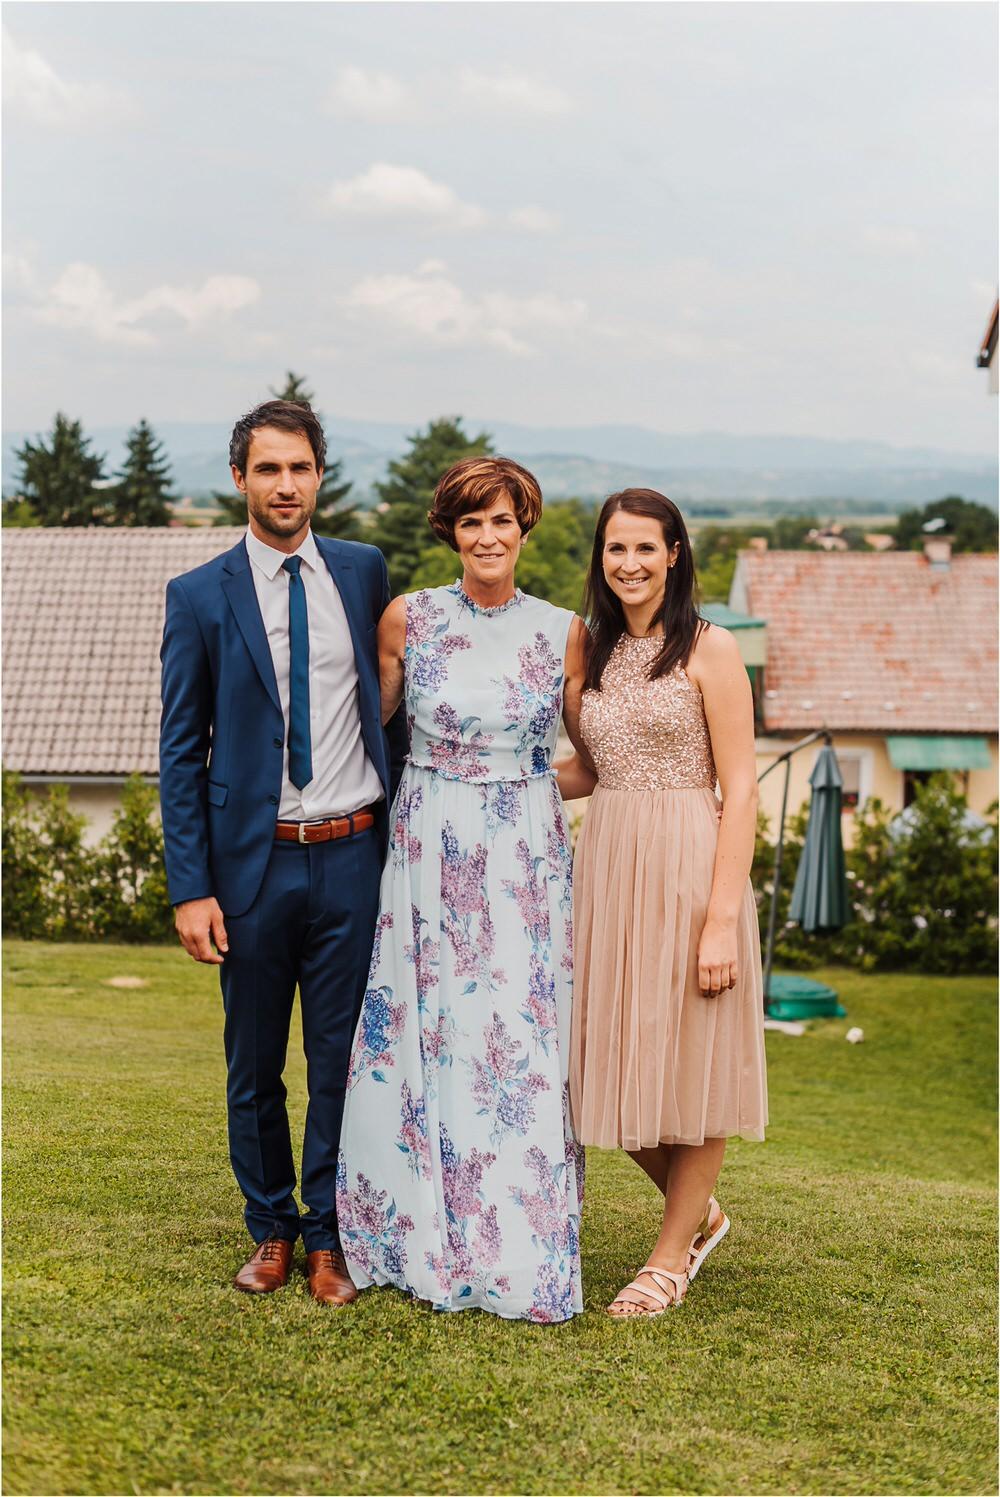 tri lucke slovenija krsko posavje poroka porocni fotograf fotografiranje elegantna poroka vinograd classy elegant wedding slovenia 0005.jpg